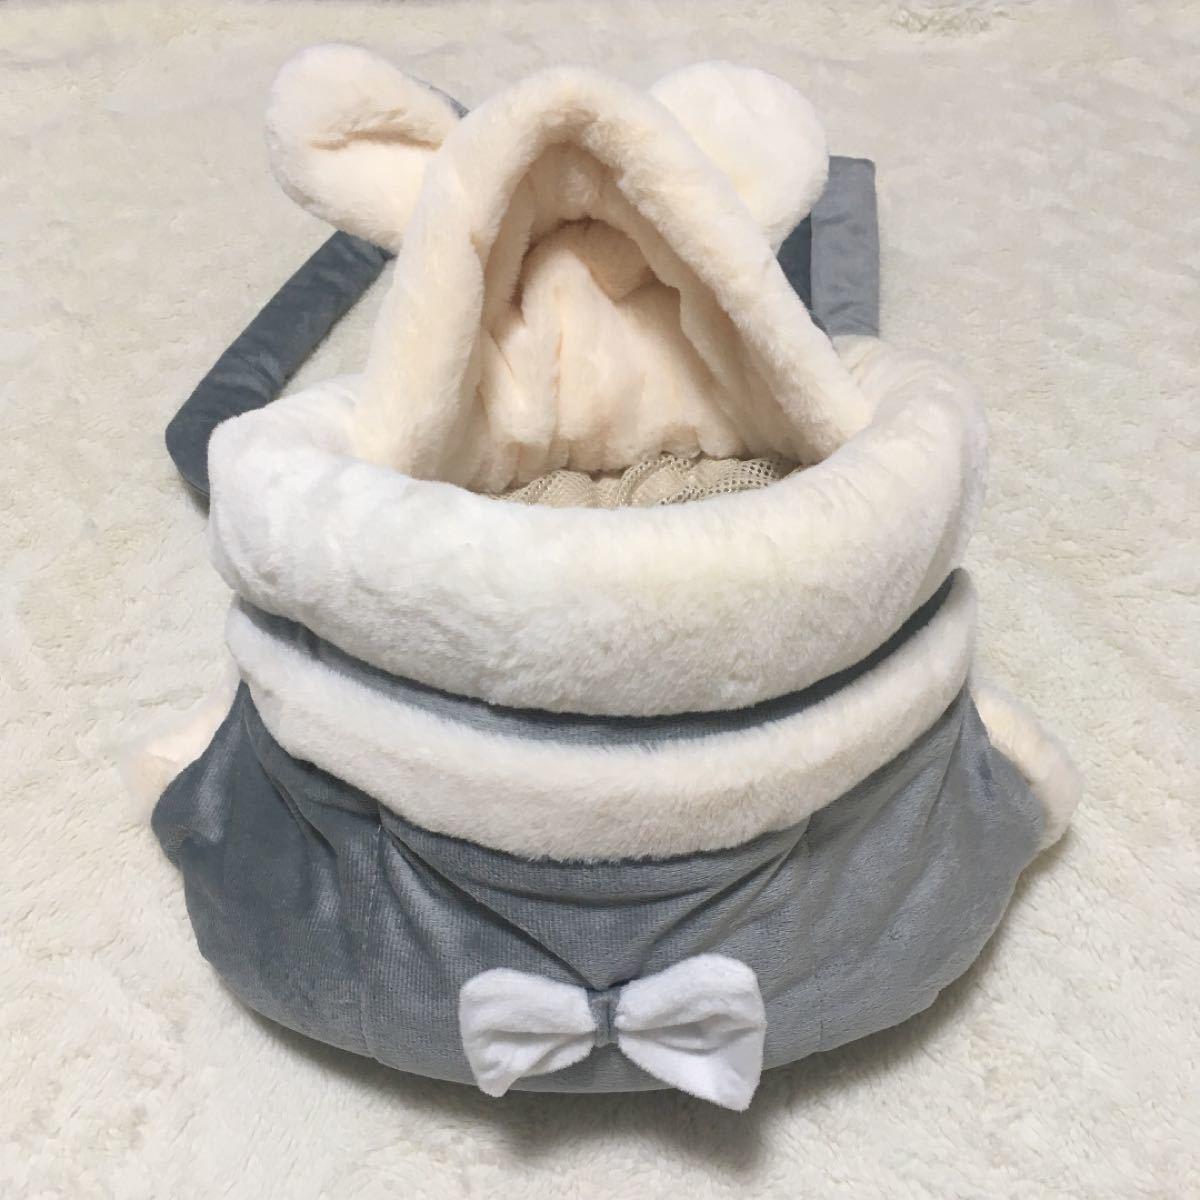 ペット用 リュックサック ペットキャリー 猫 キャリケース 冬 暖かい もこもこ